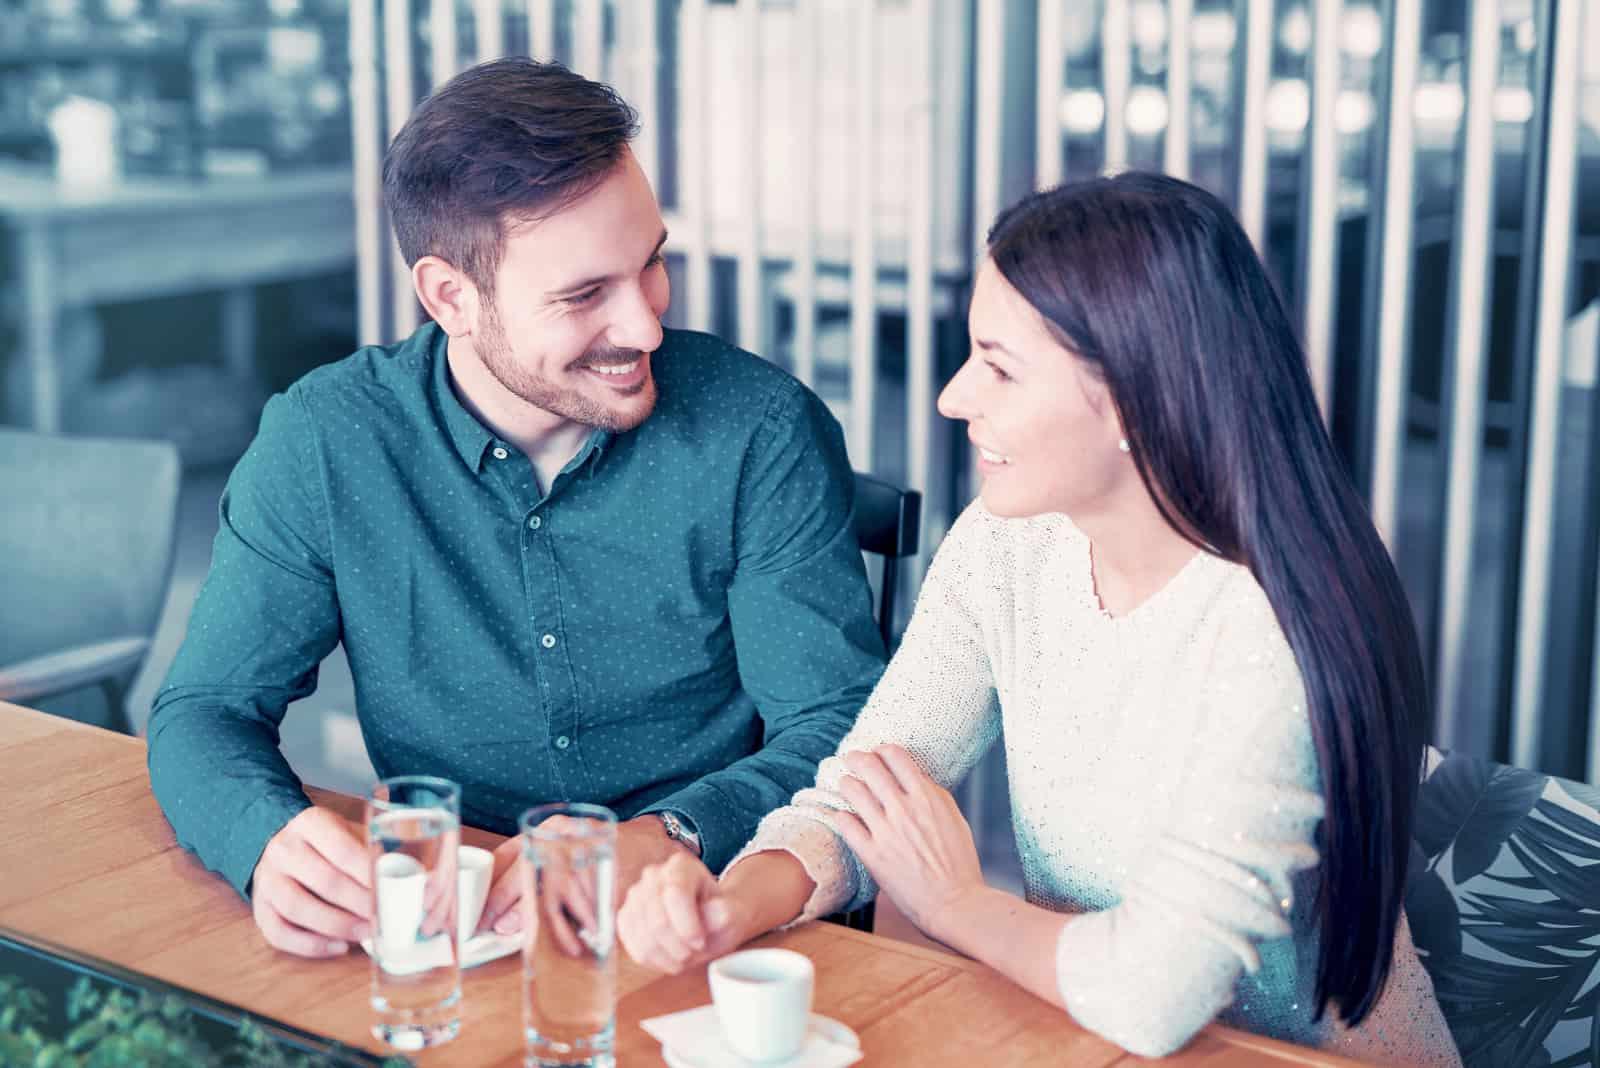 un couple amoureux assis à une table et parlant